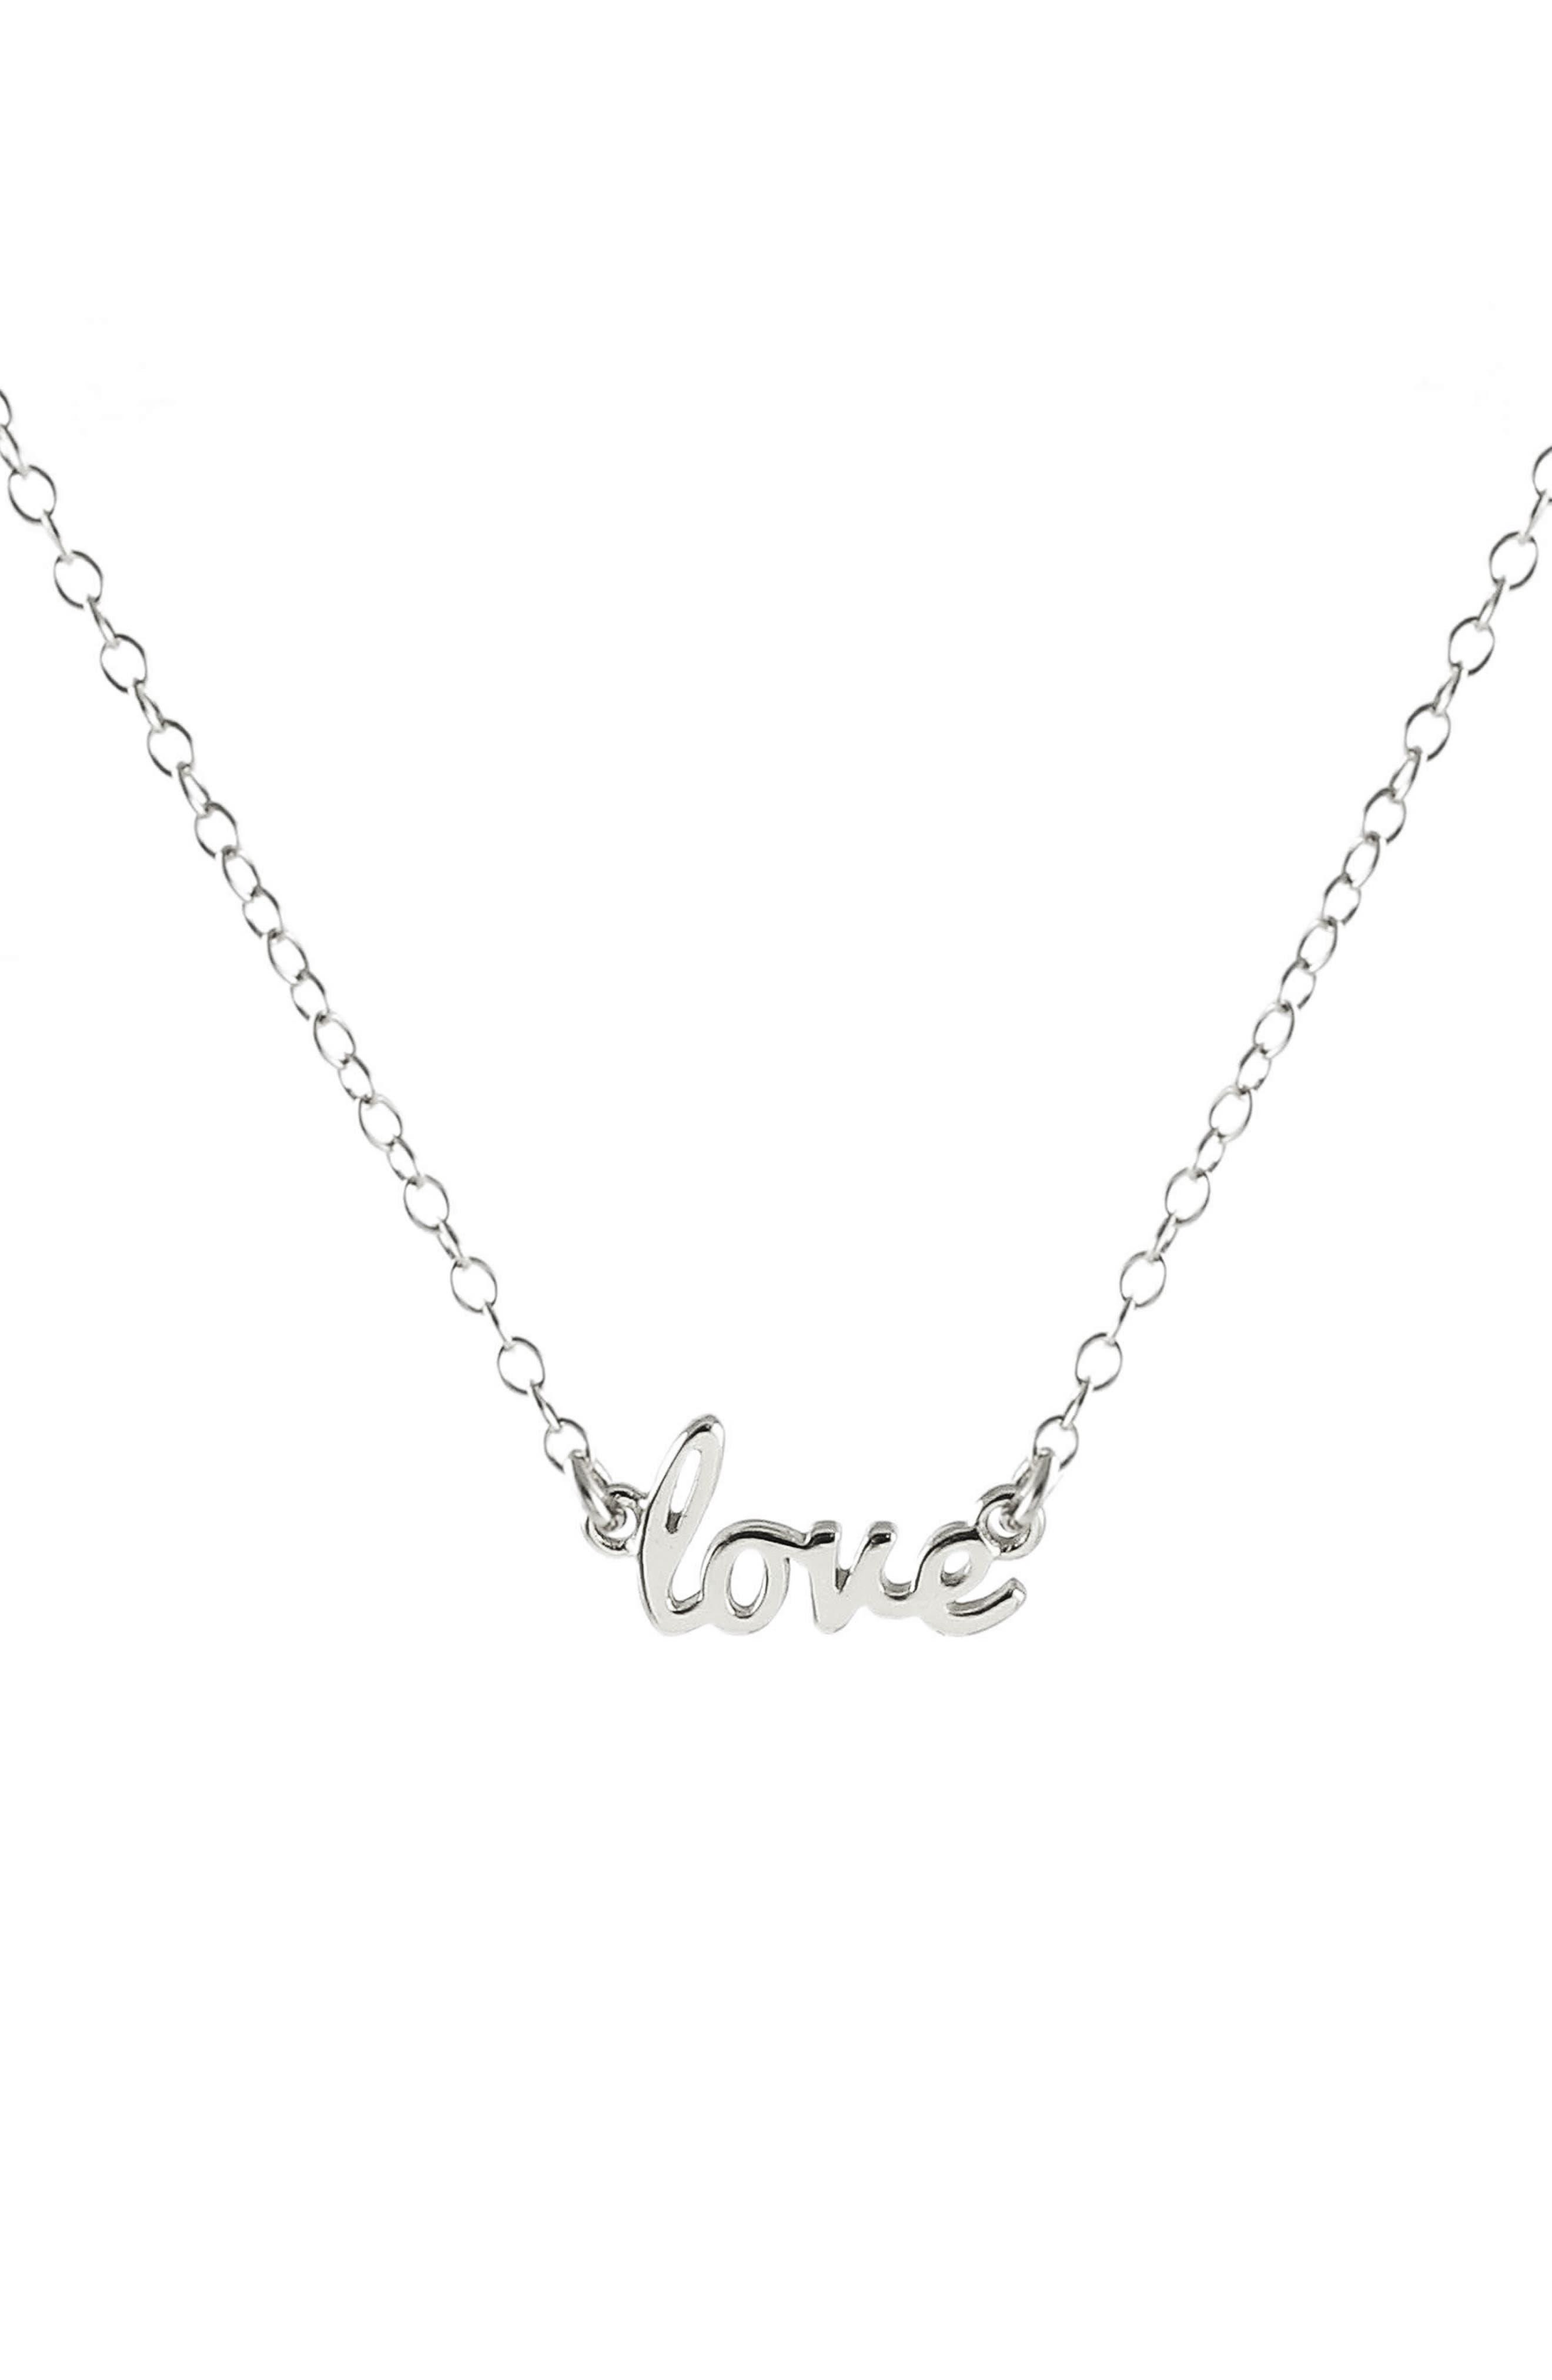 Love Script Necklace,                             Main thumbnail 1, color,                             Silver